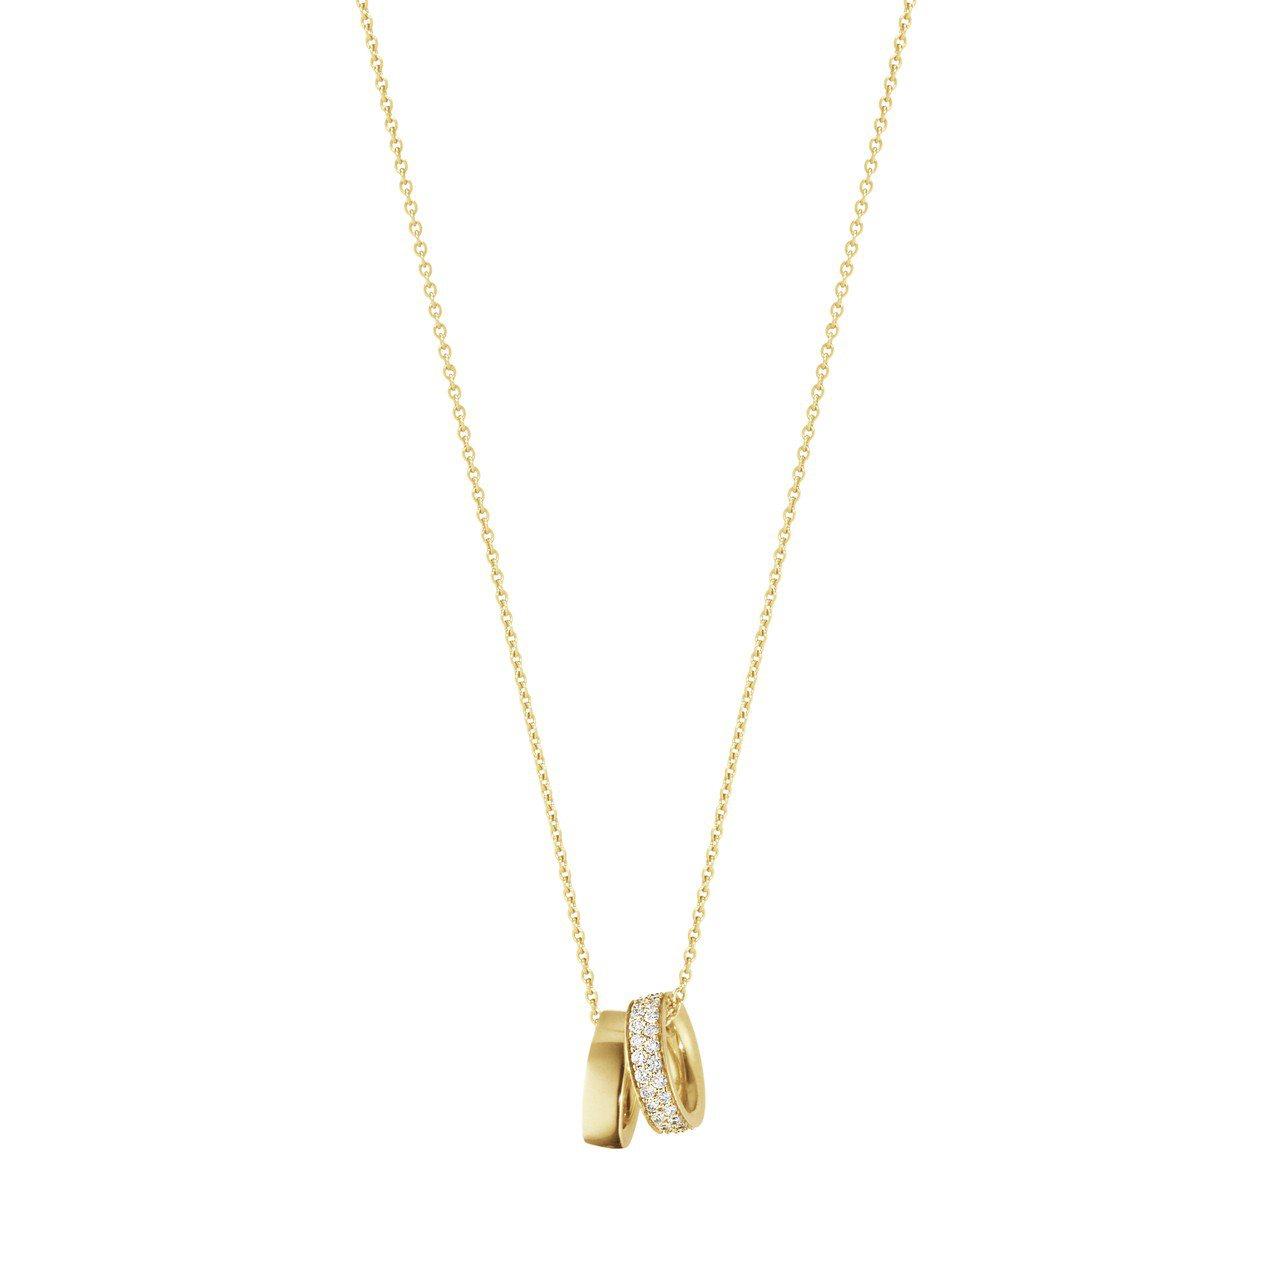 喬治傑生MAGIC系列18K黃金鑽石鍊墜,51,500元。圖/喬治傑生提供